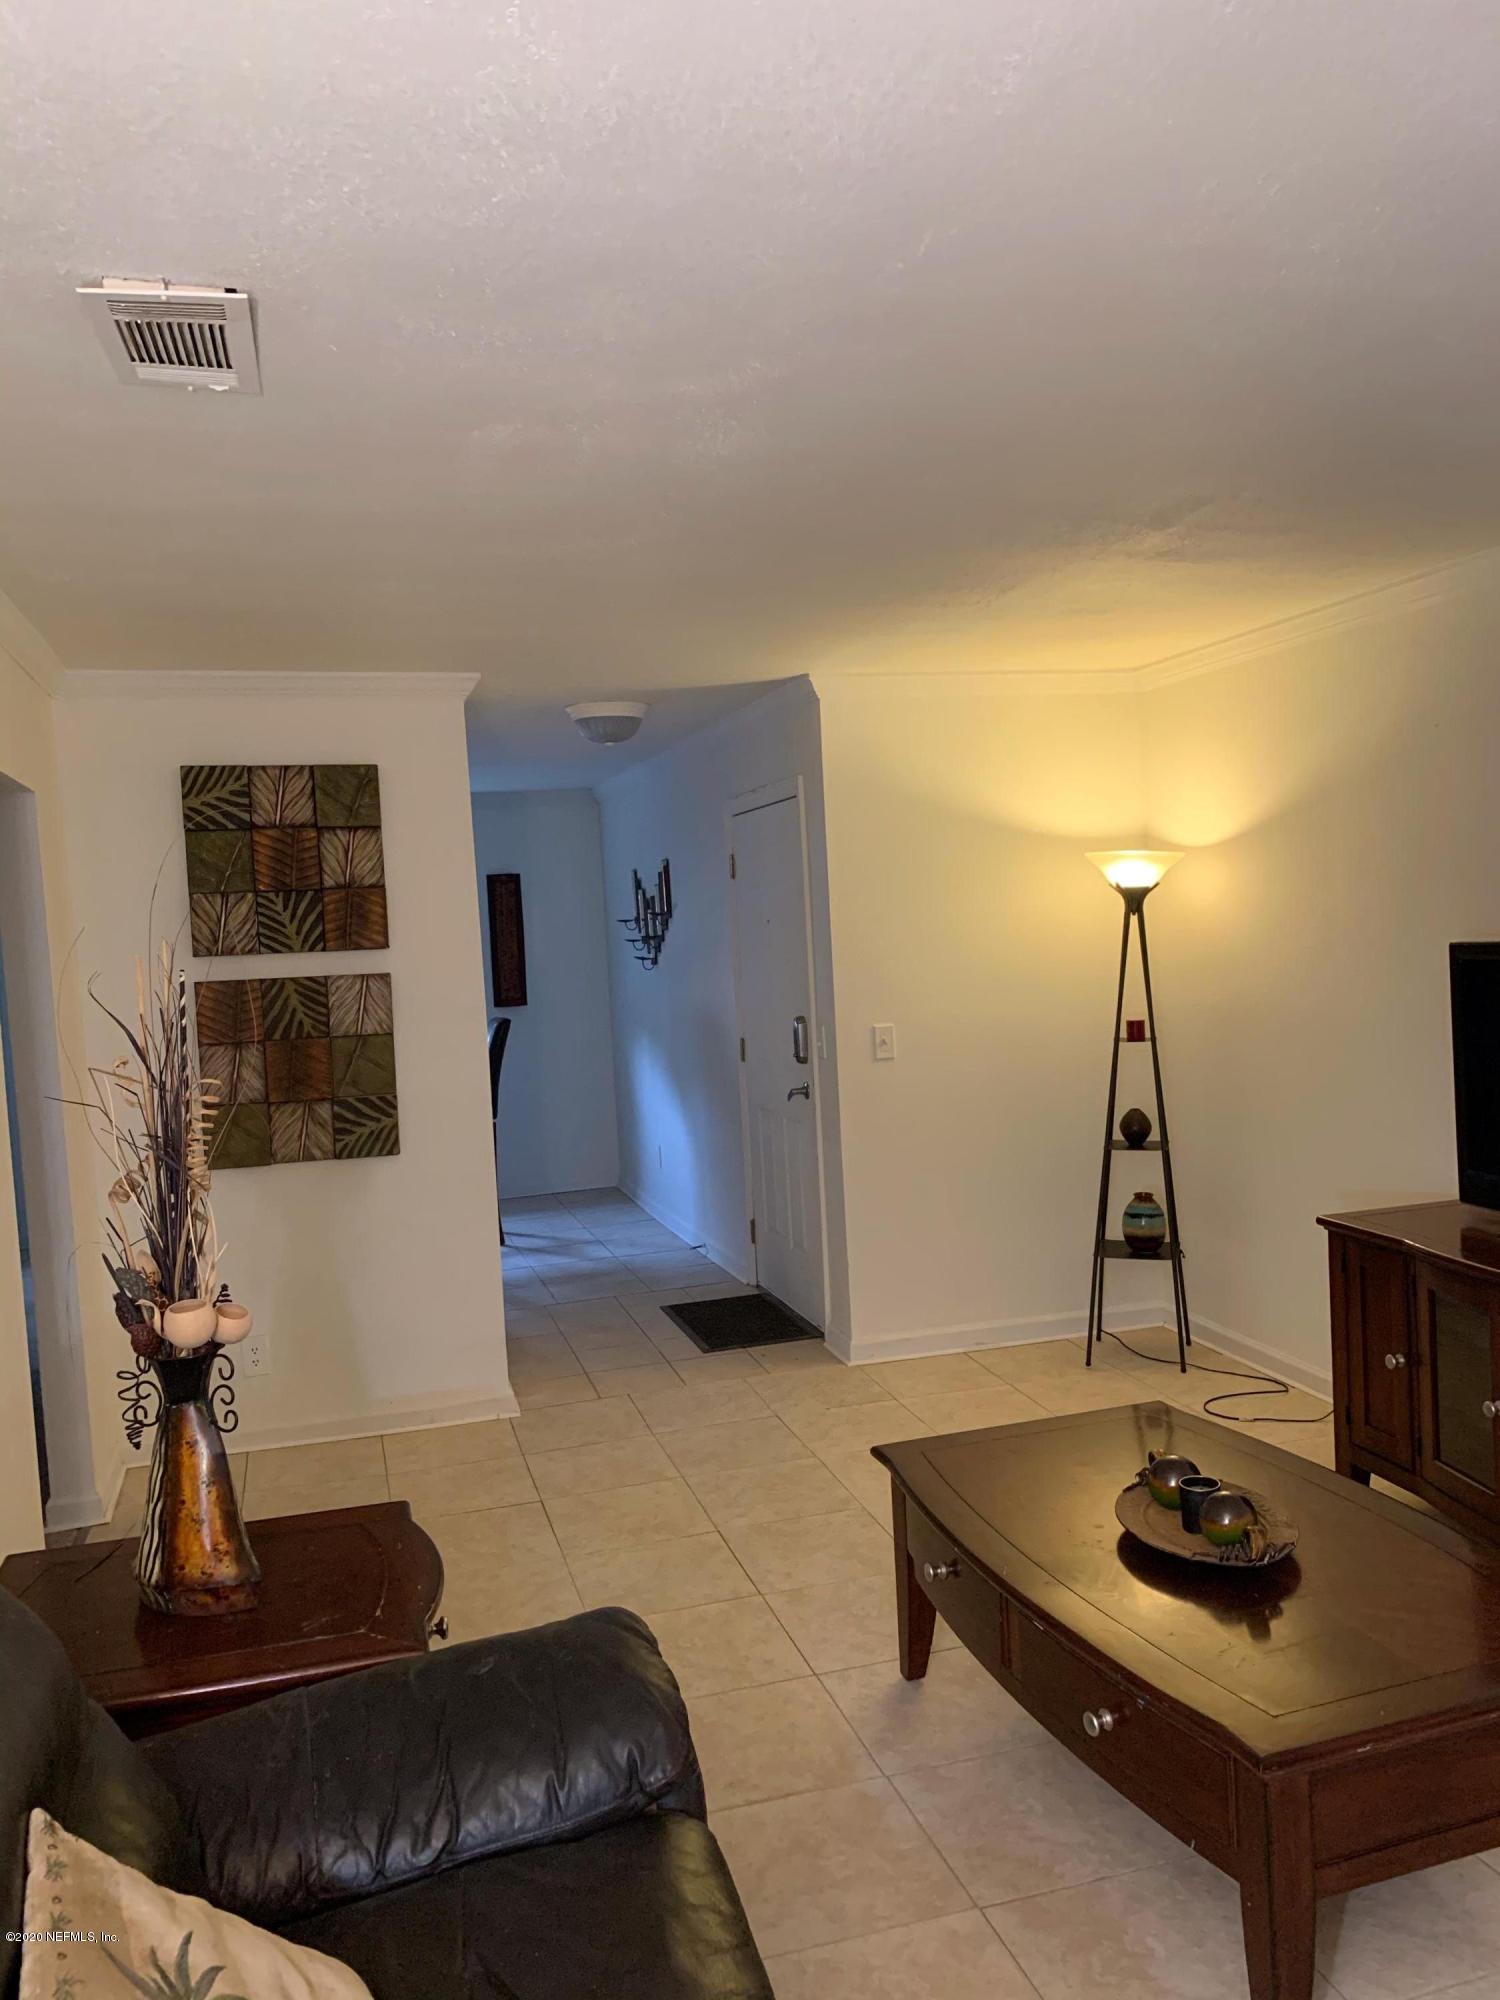 8880 OLD KINGS, JACKSONVILLE, FLORIDA 32257, 1 Bedroom Bedrooms, ,1 BathroomBathrooms,Residential,For sale,OLD KINGS,1082151